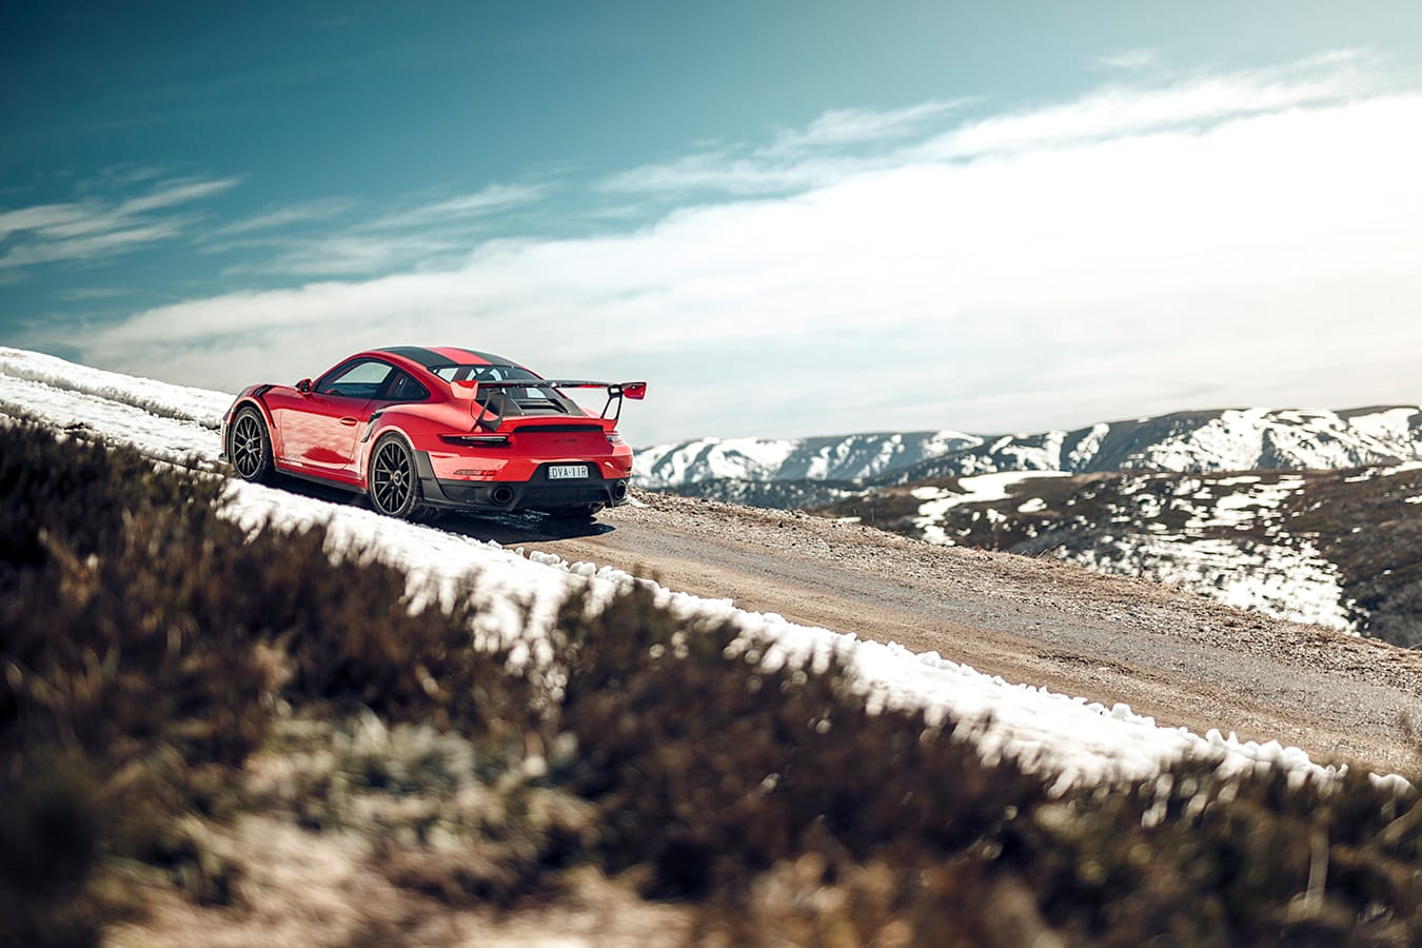 Porsche Gt 2 Rs Sidone Jpg